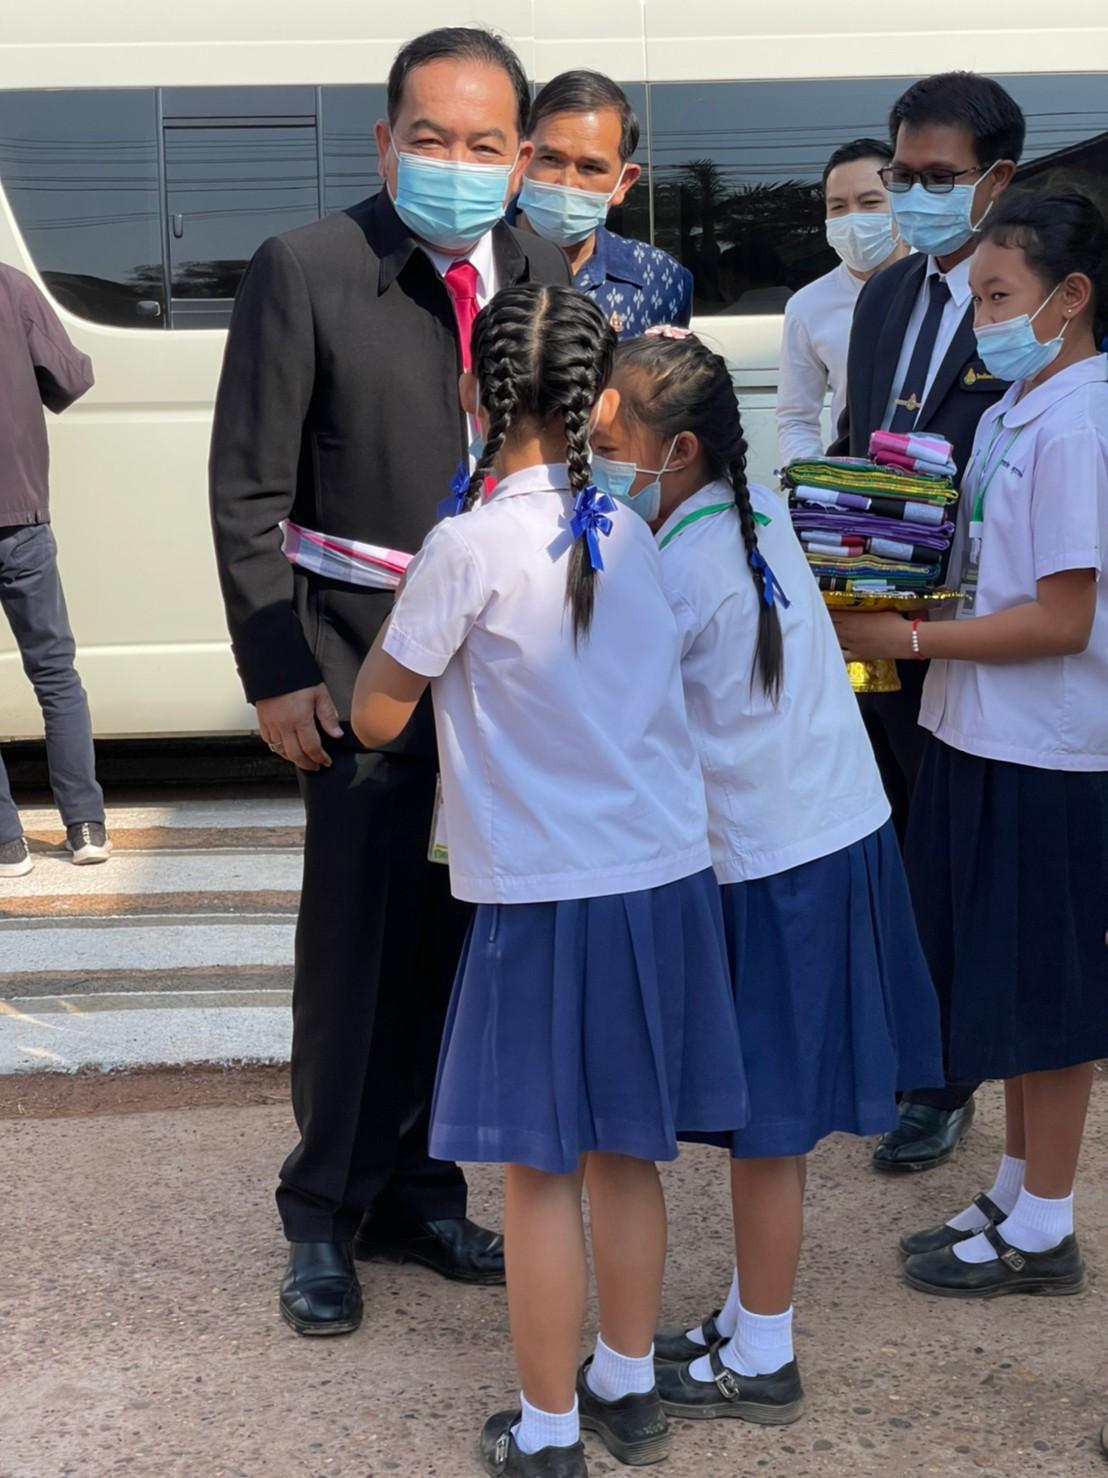 โรงเรียนคุณภาพ_210202_111